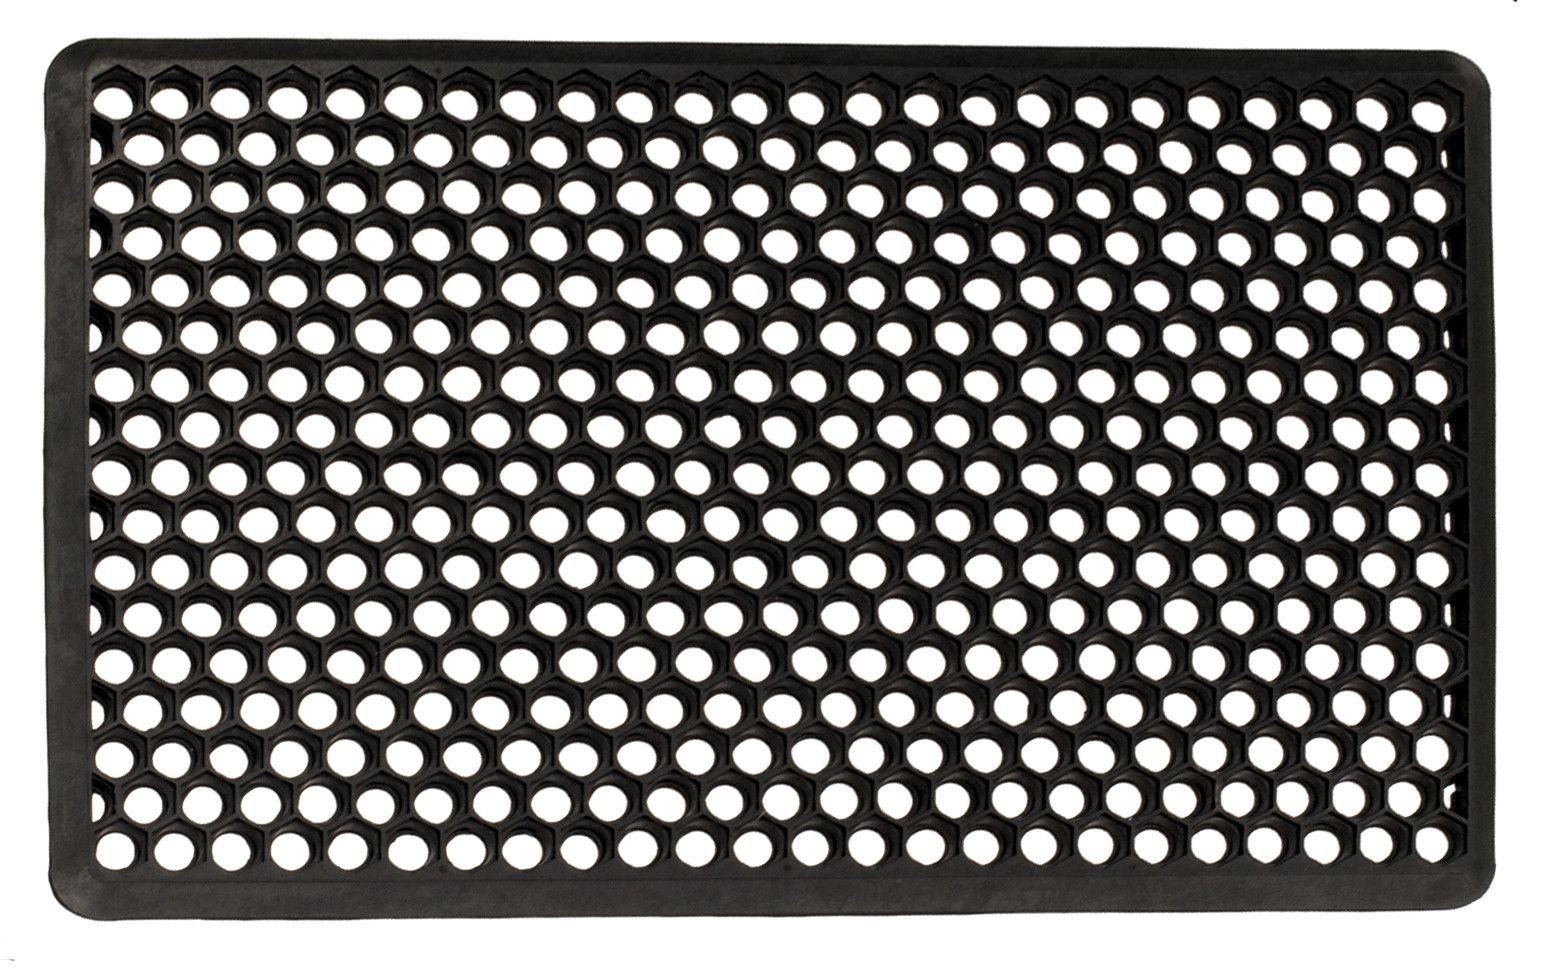 Multy Home Hexagonal Doormat & Reviews   Wayfair